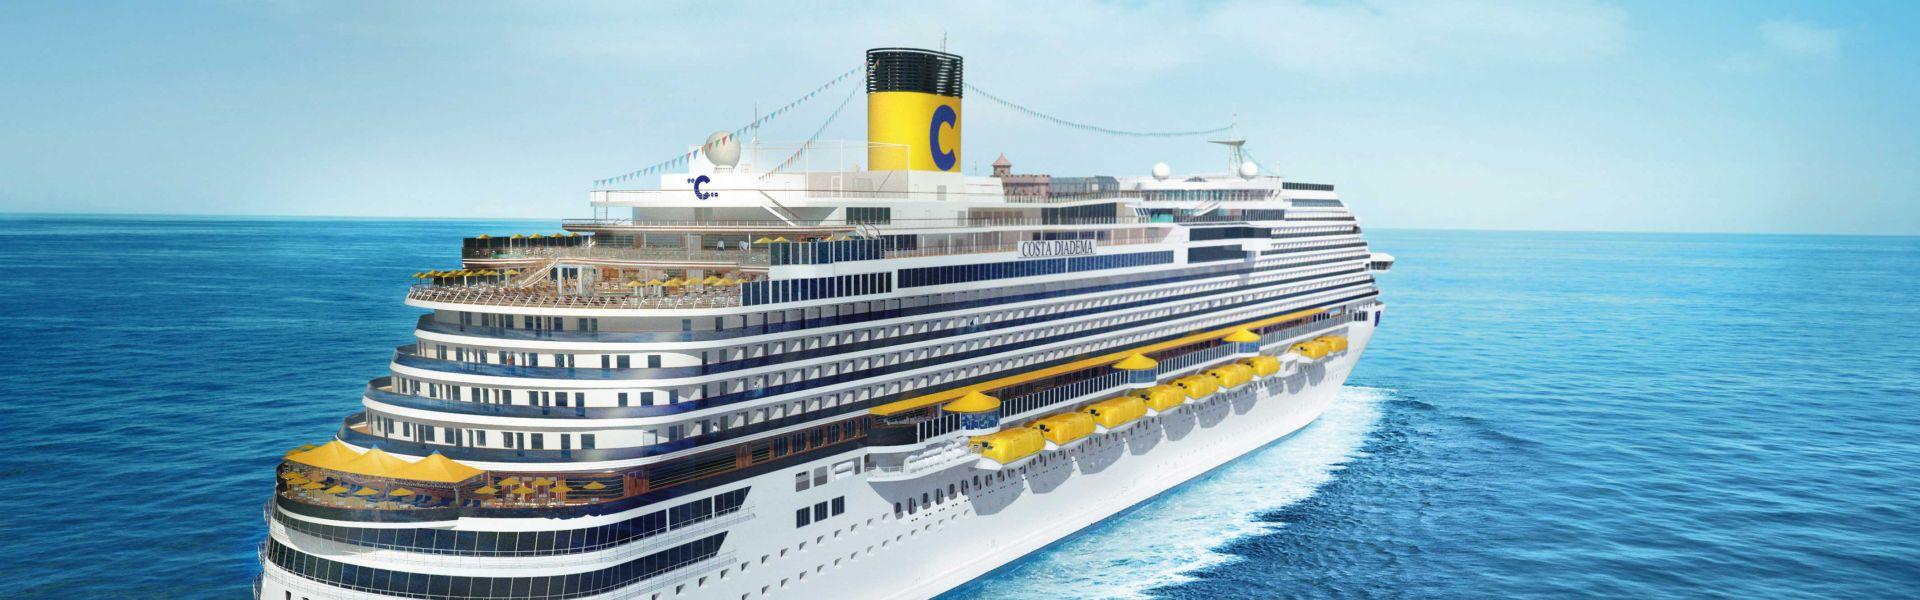 Croaziera 2017 - Mediterana de Vest (Civitavecchia) - Costa Cruises - Costa Diadema - 7 nopti